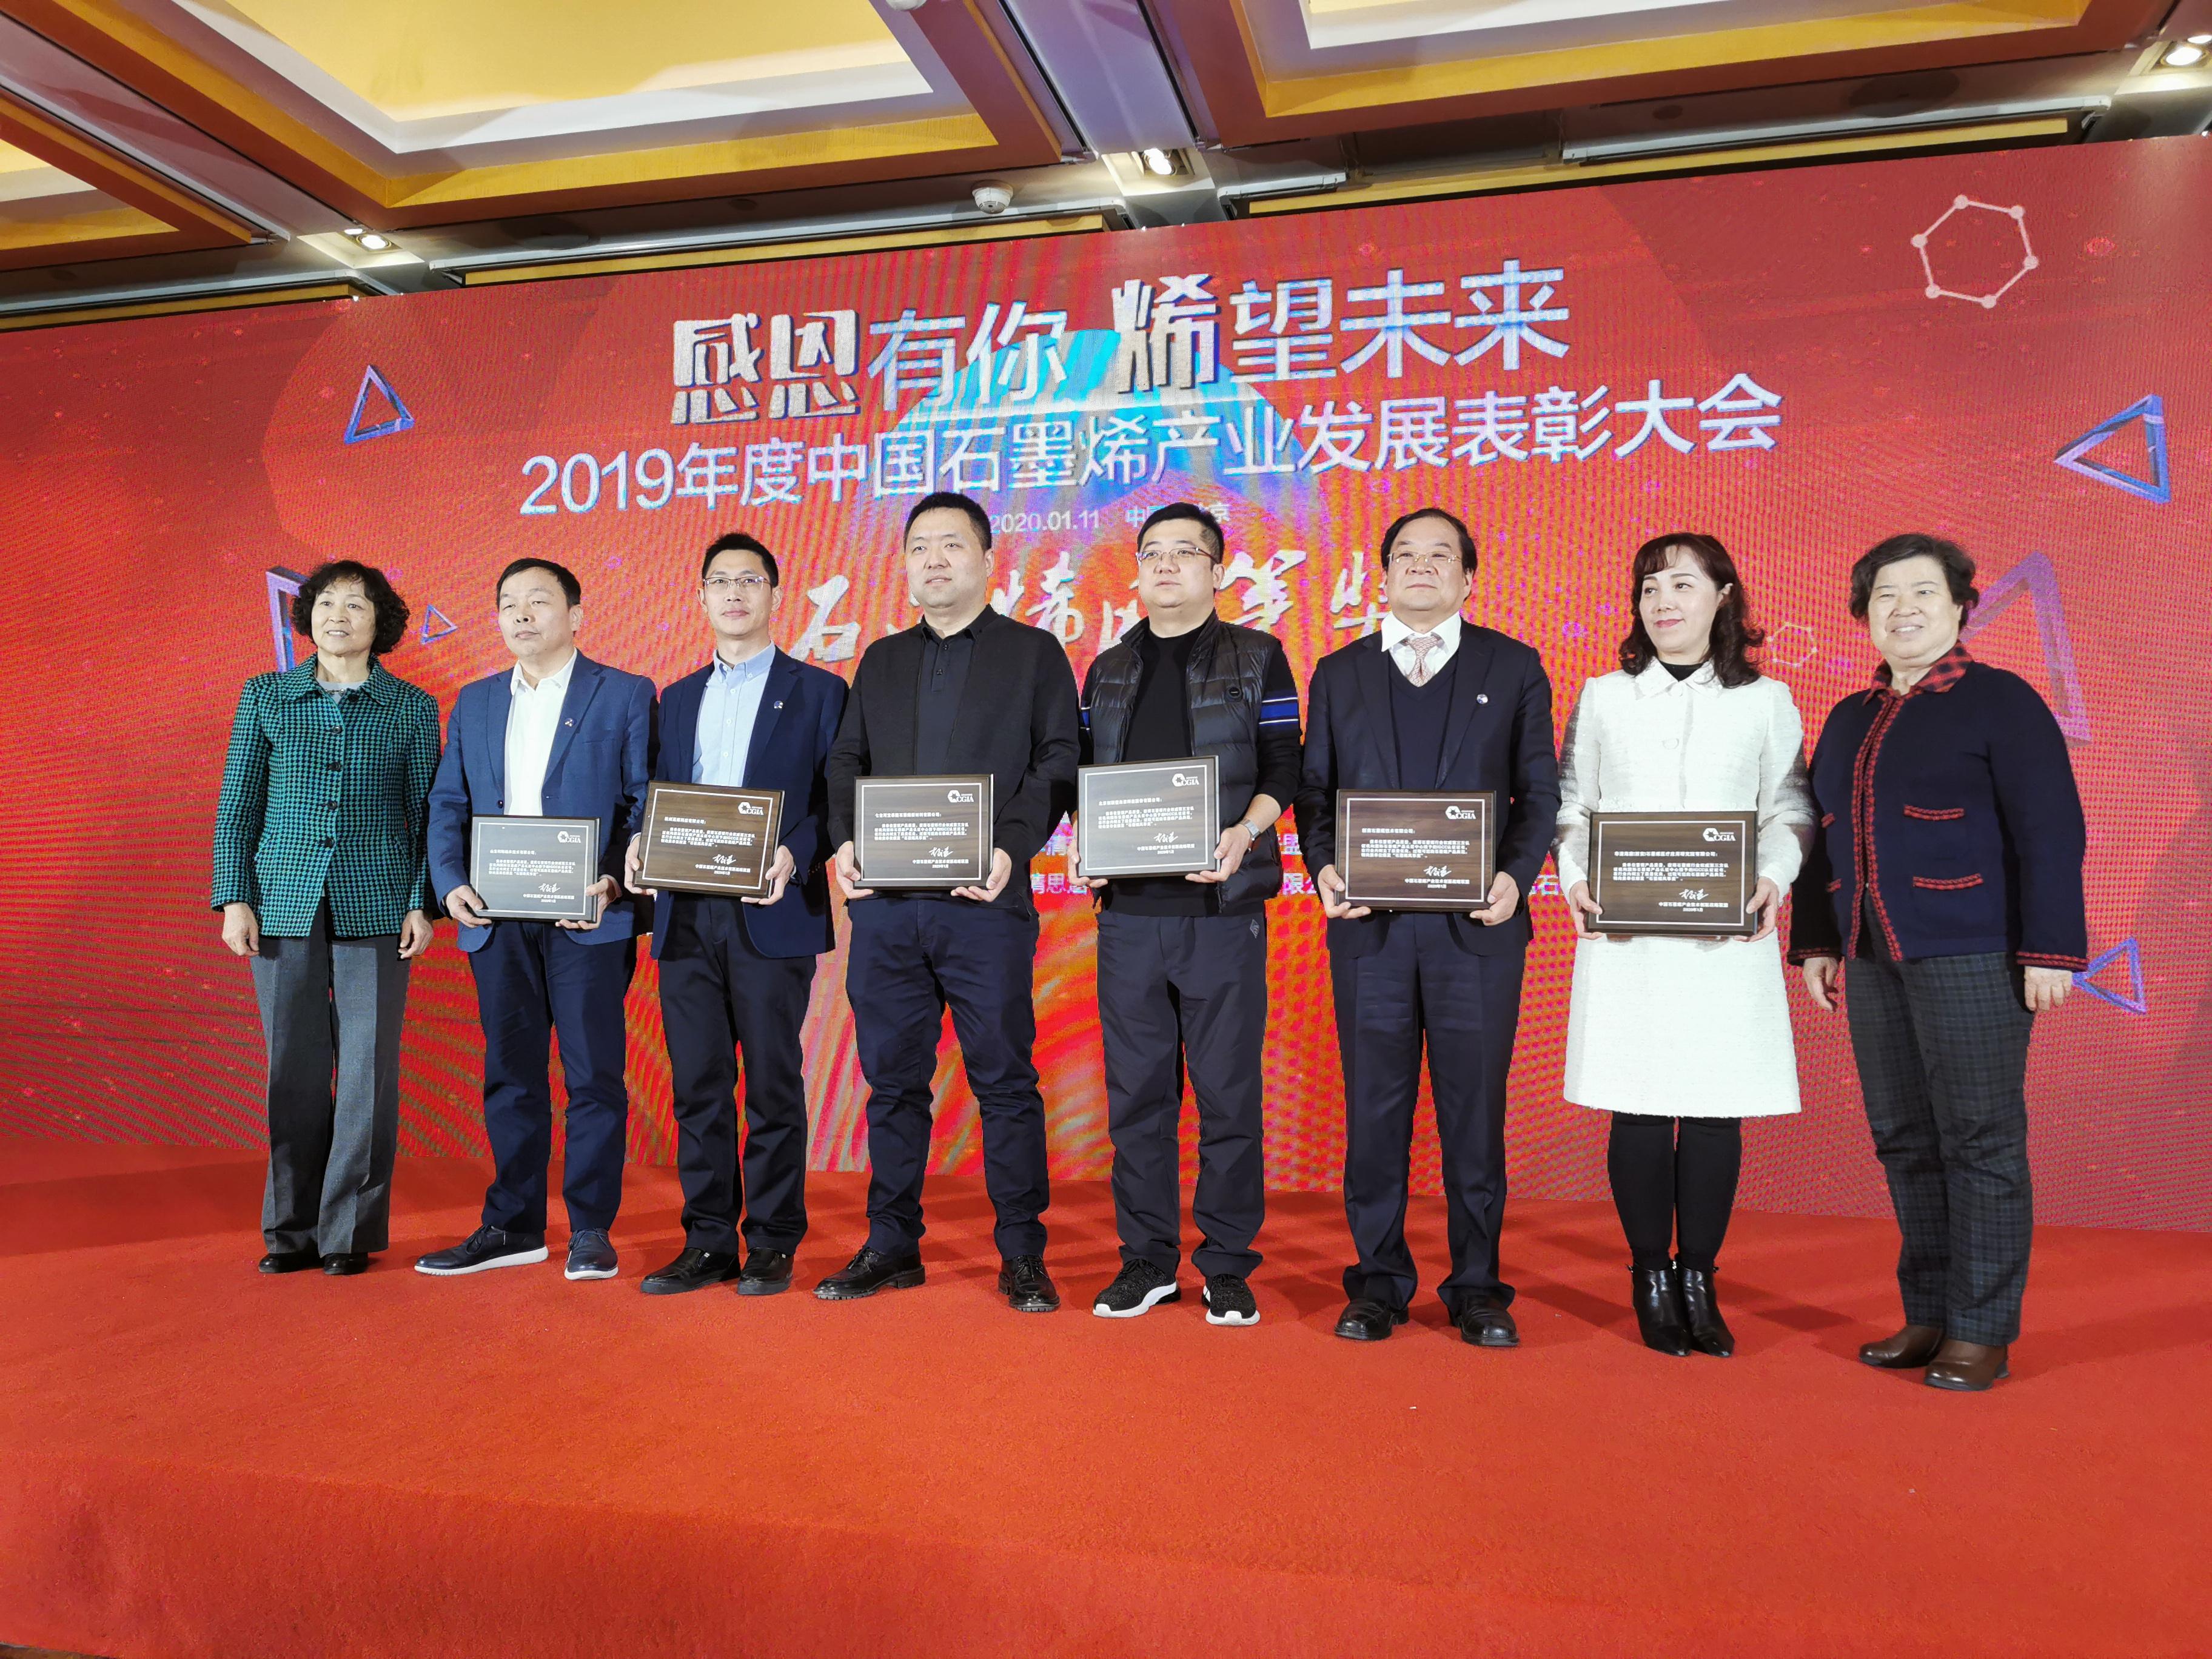 11日,由中国石墨烯产业技术创新战略联盟(CGIA)主办的2019年度中国石墨烯产业发展表彰大会在北京举行